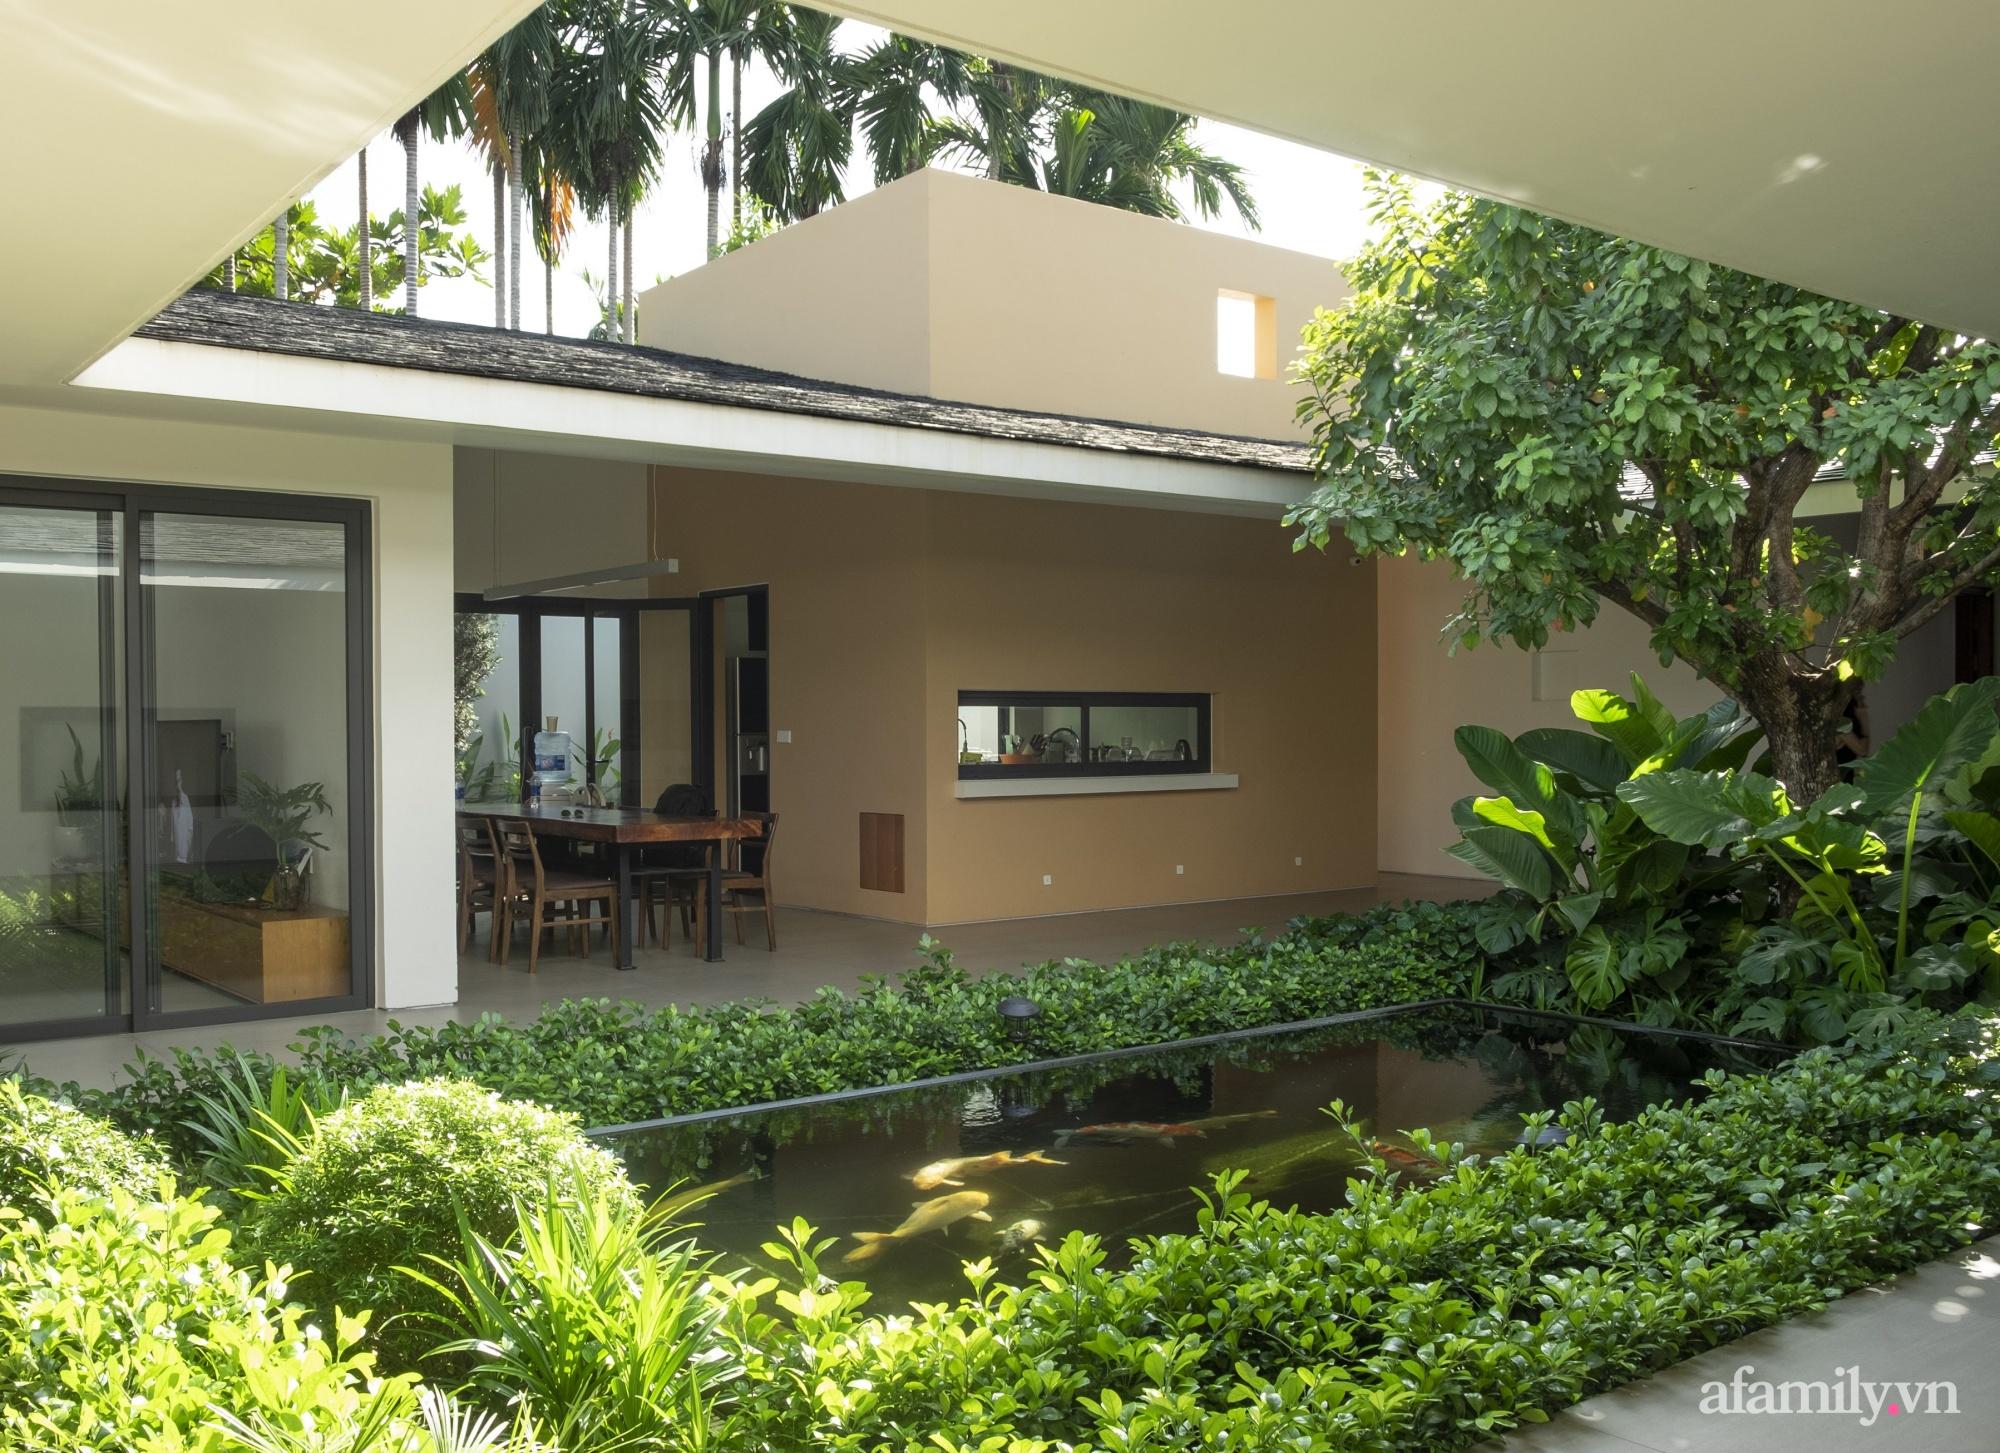 Ngôi nhà rợp mát bóng cây ở ngoại ô Sài Gòn tạo sự gắn kết cho gia đình 3 thế hệ - Ảnh 6.